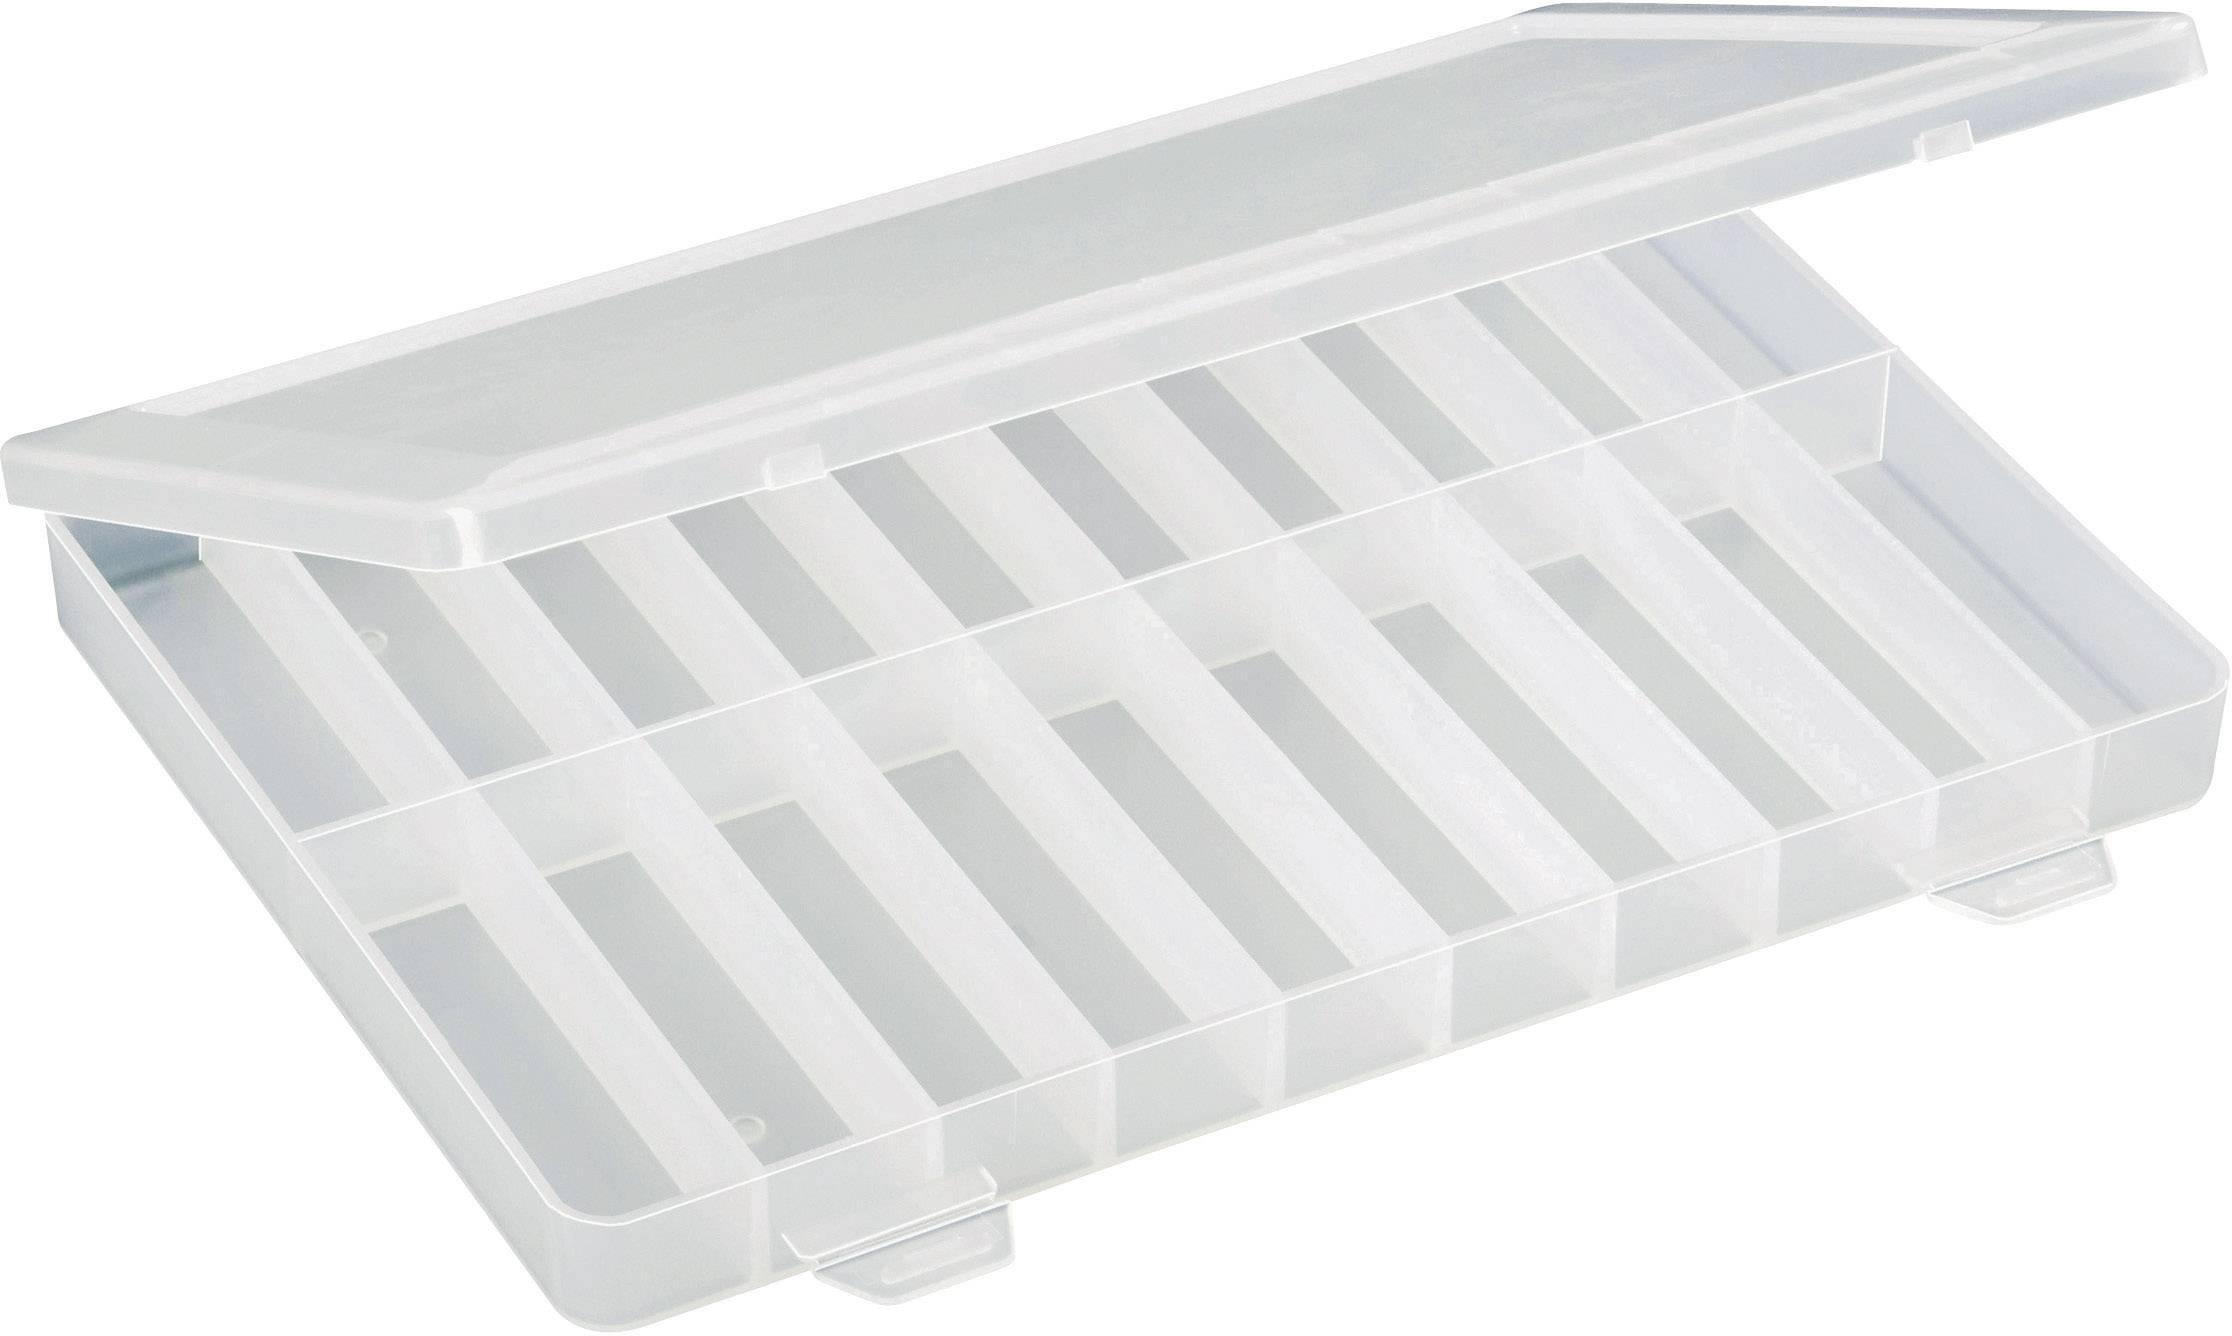 Krabička na malé součástky TRU COMPONENTS, 1564901, přihrádek: 20, 250 x 180 x 24 , transparentní (difuzní)